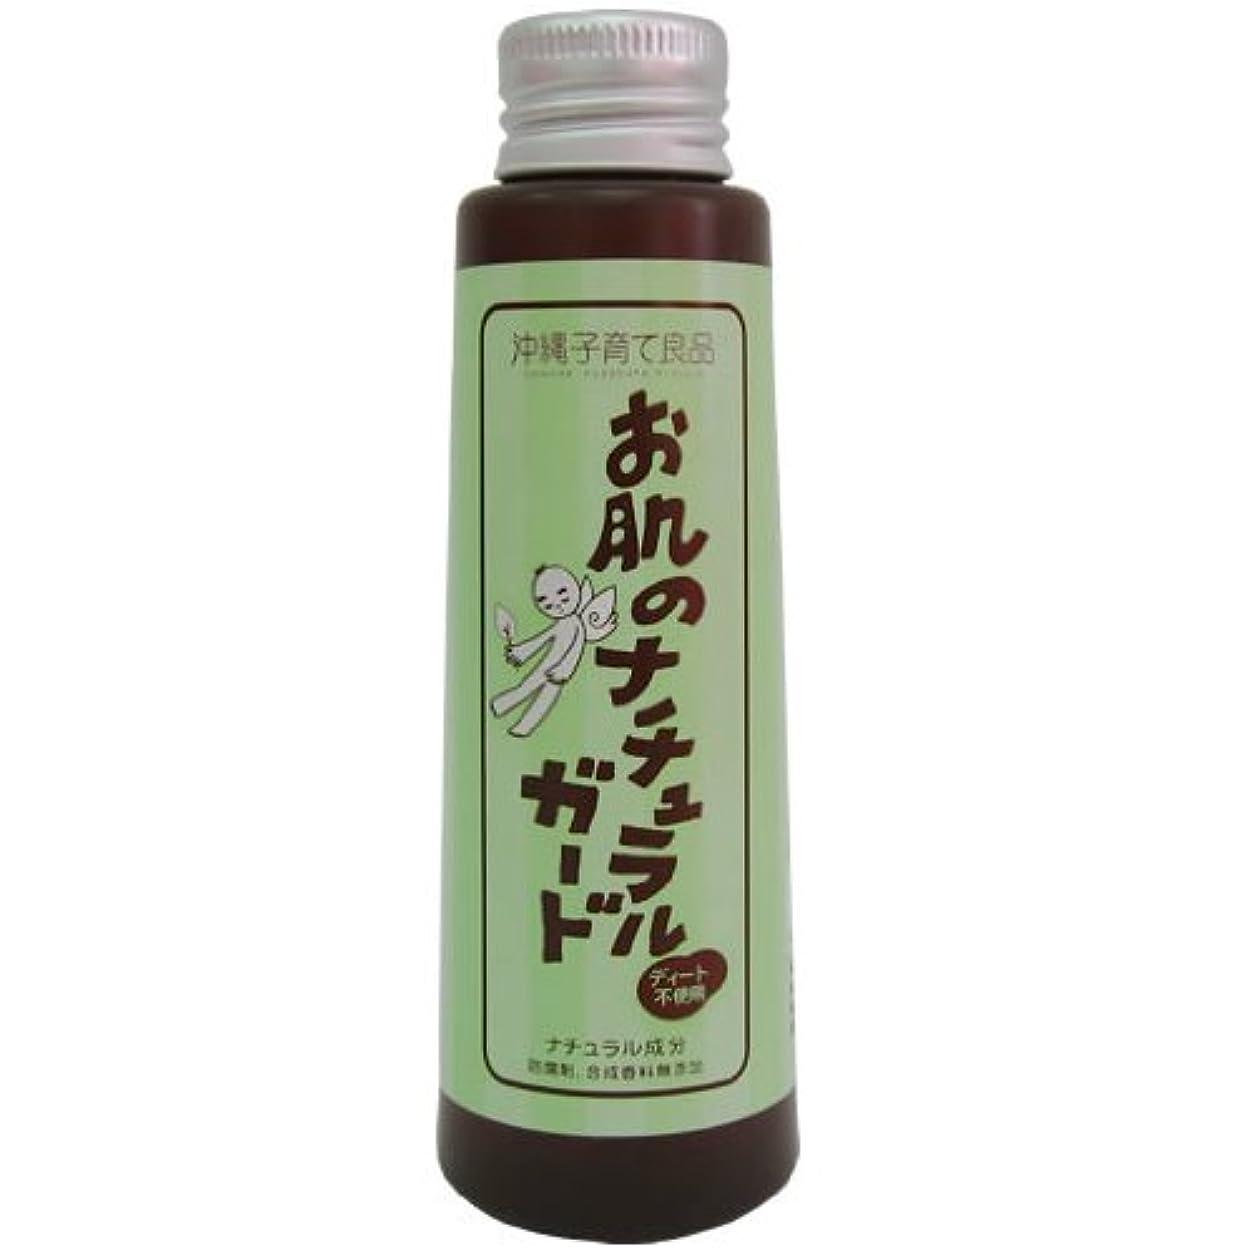 沖縄子育て良品 お肌のナチュラルガード(付替) (100ml)